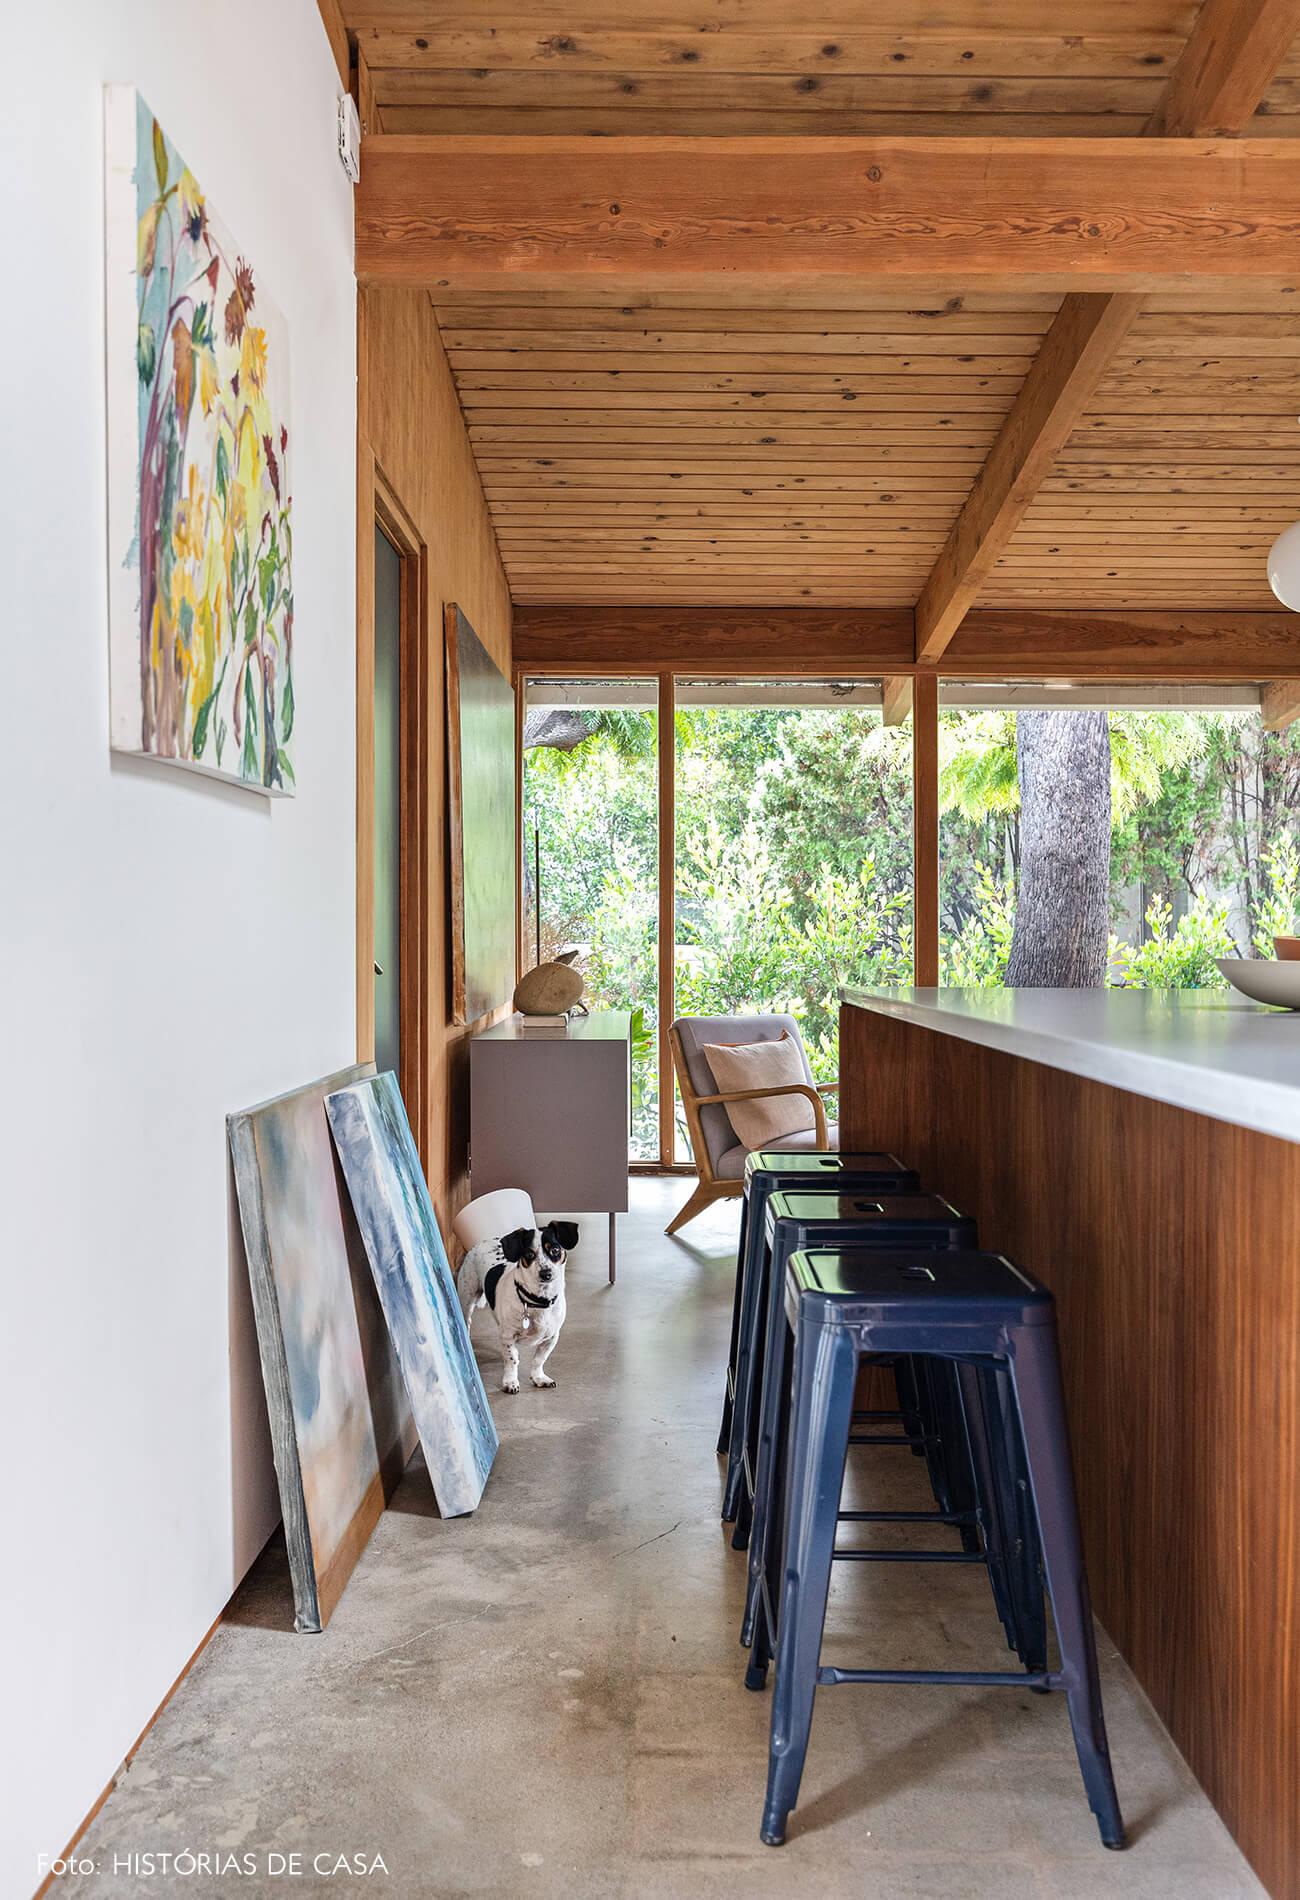 decoração casa de madeira e vidro cozinha com bancada de madeira e bancos metal